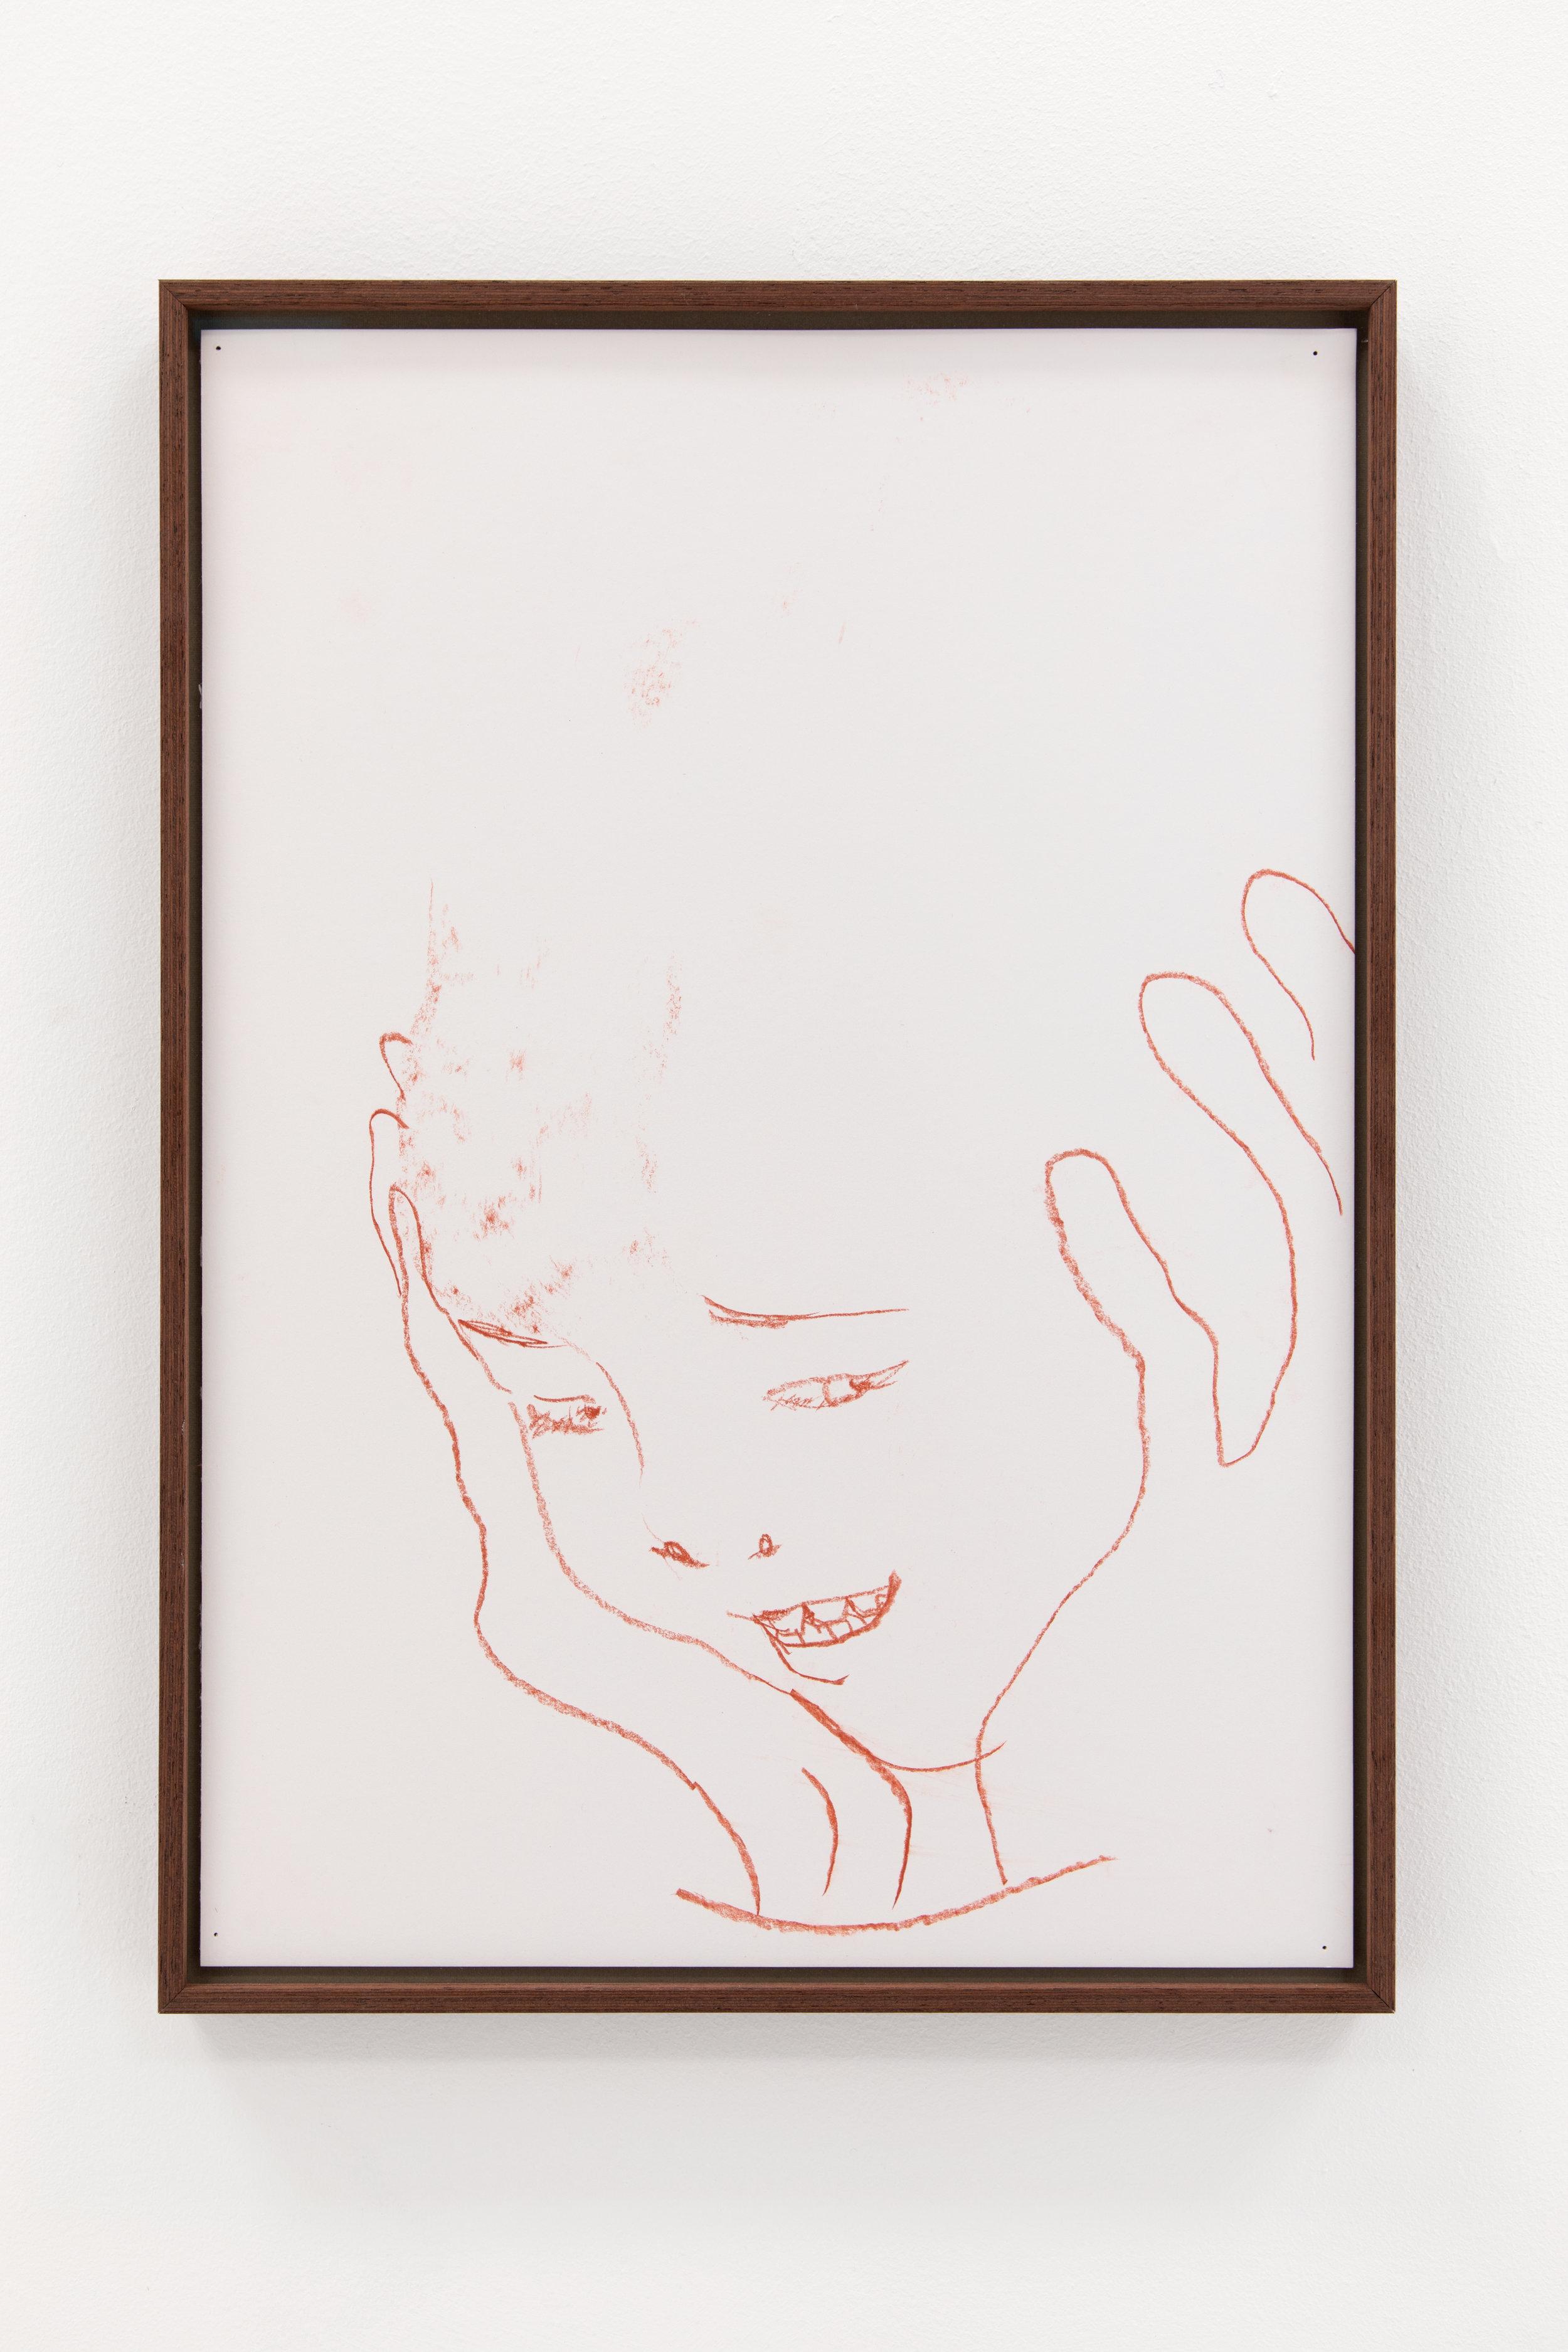 hoo hoo hoo, L21 Gallery, Palma de Mallorca, 2019